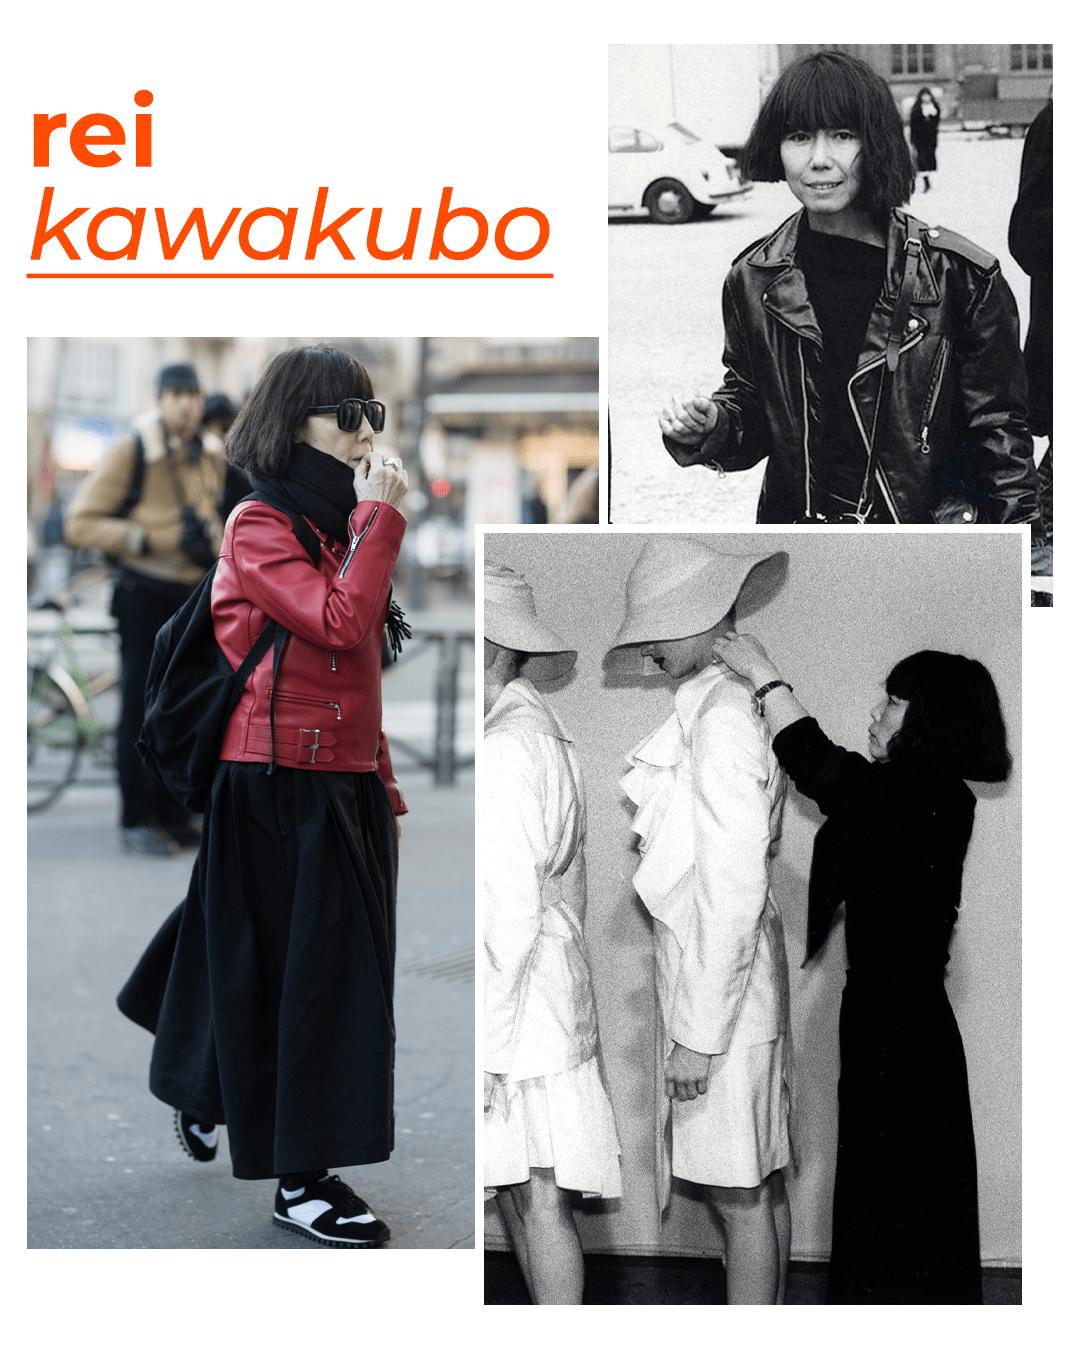 Rei Kawakubo - mulheres que revolucionaram a moda - dia internacional da mulher - outono - street style - https://stealthelook.com.br